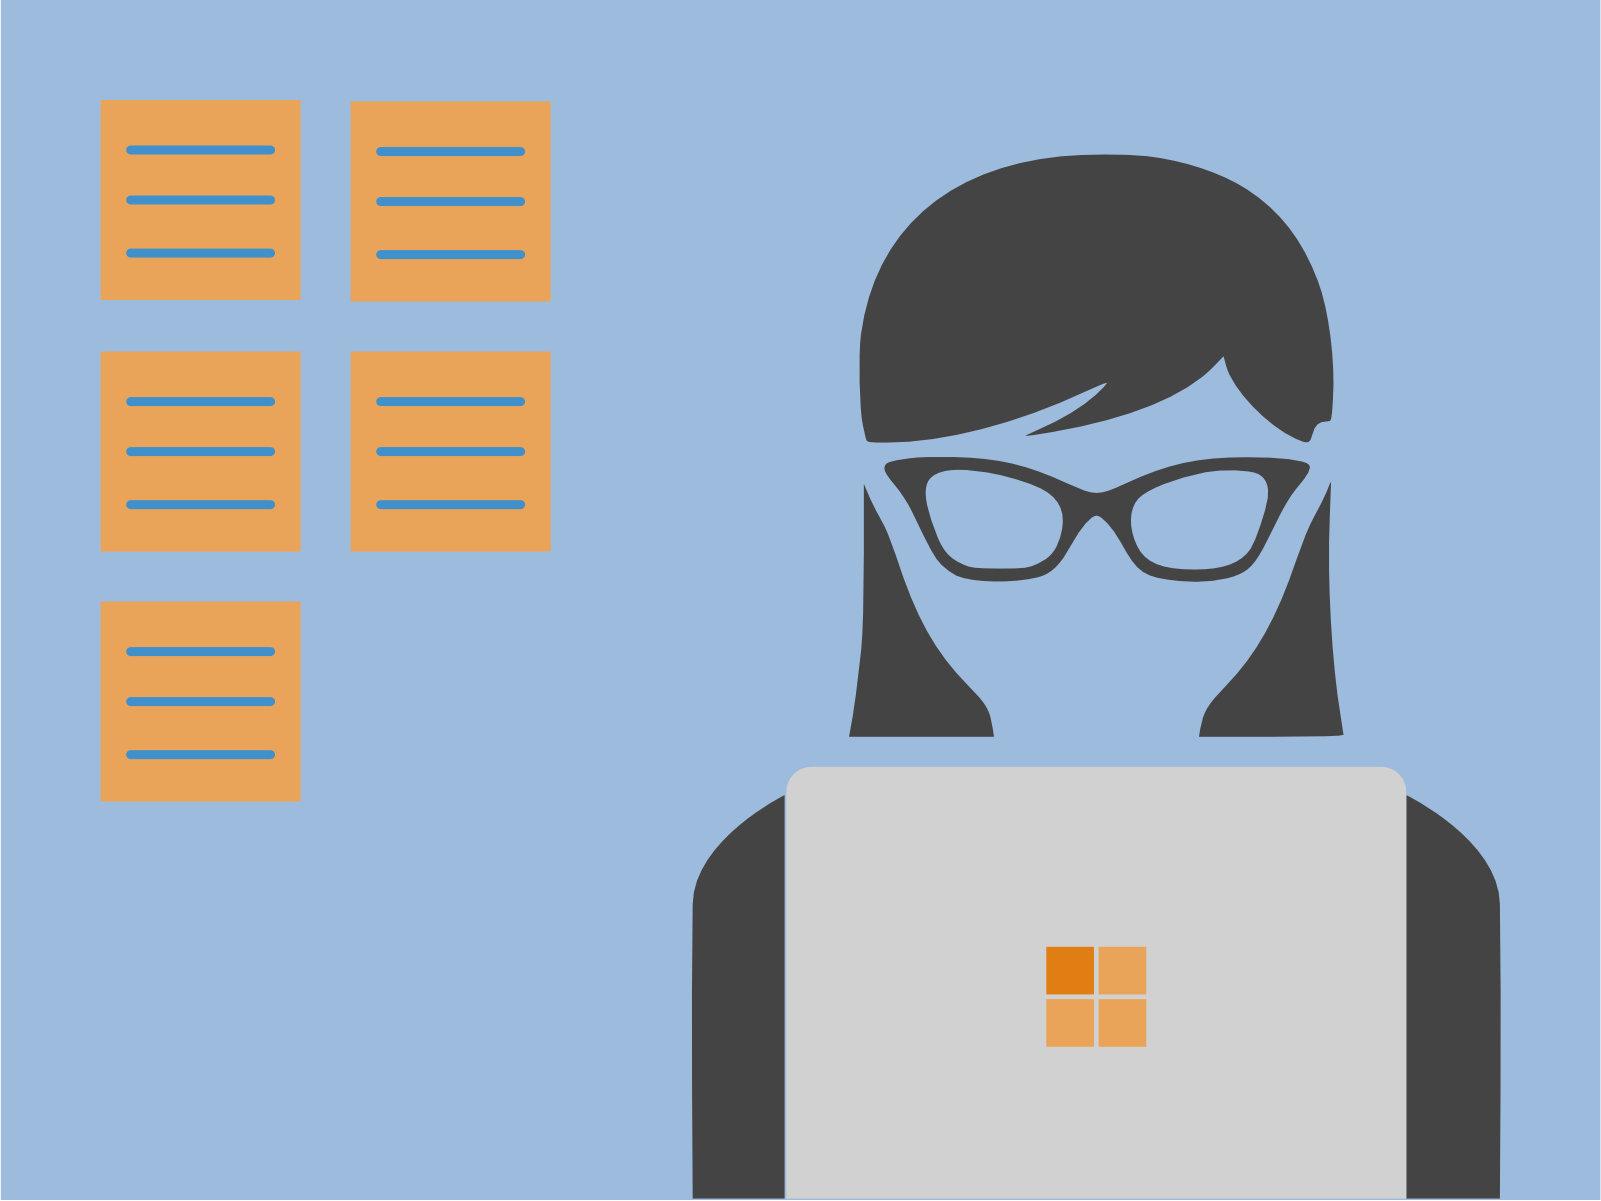 illustratie met kanban cards en persoon achter laptop